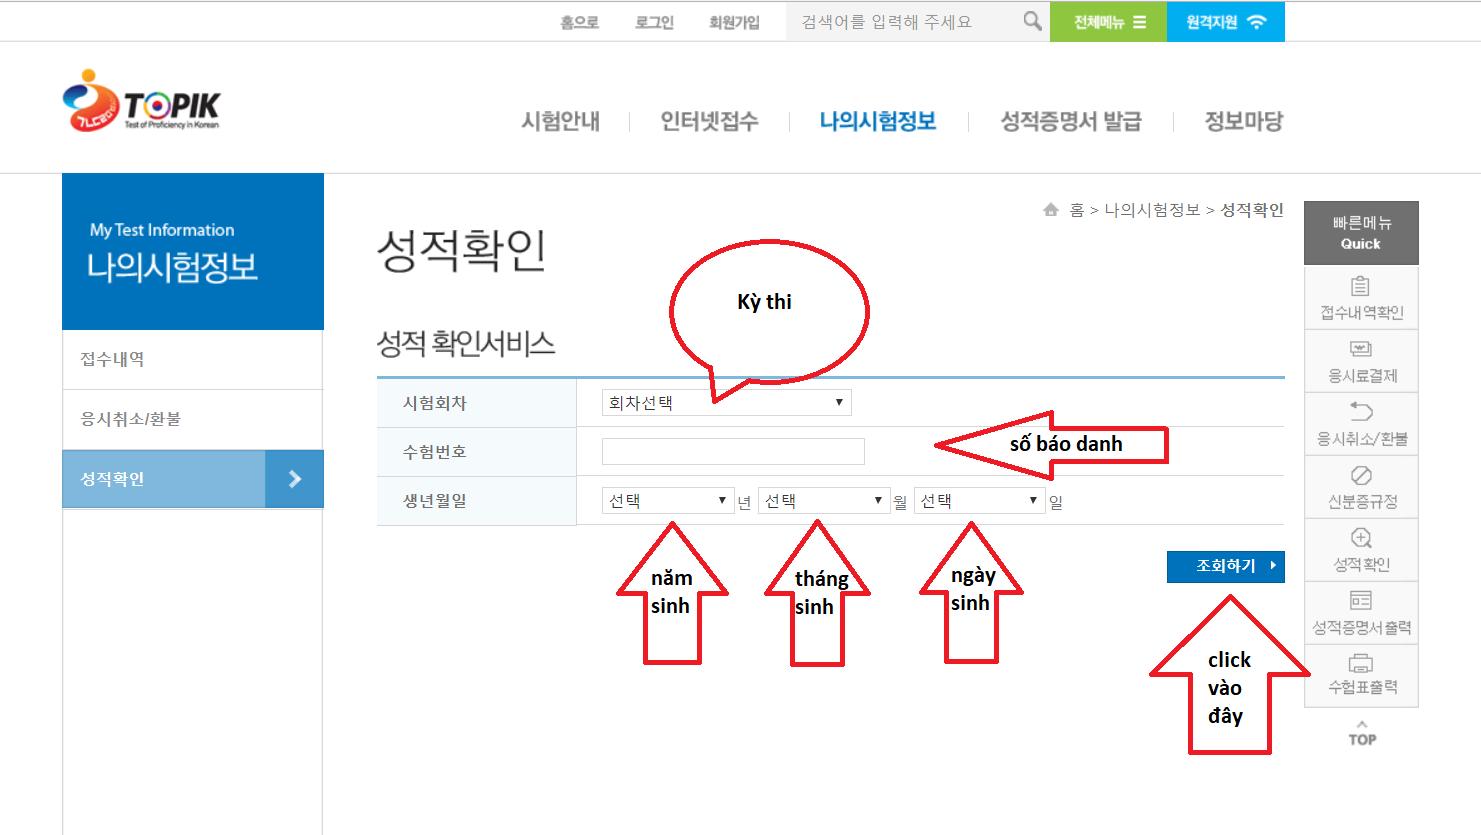 Hướng dẫn kiểm tra điểm thi topik tiếng Hàn